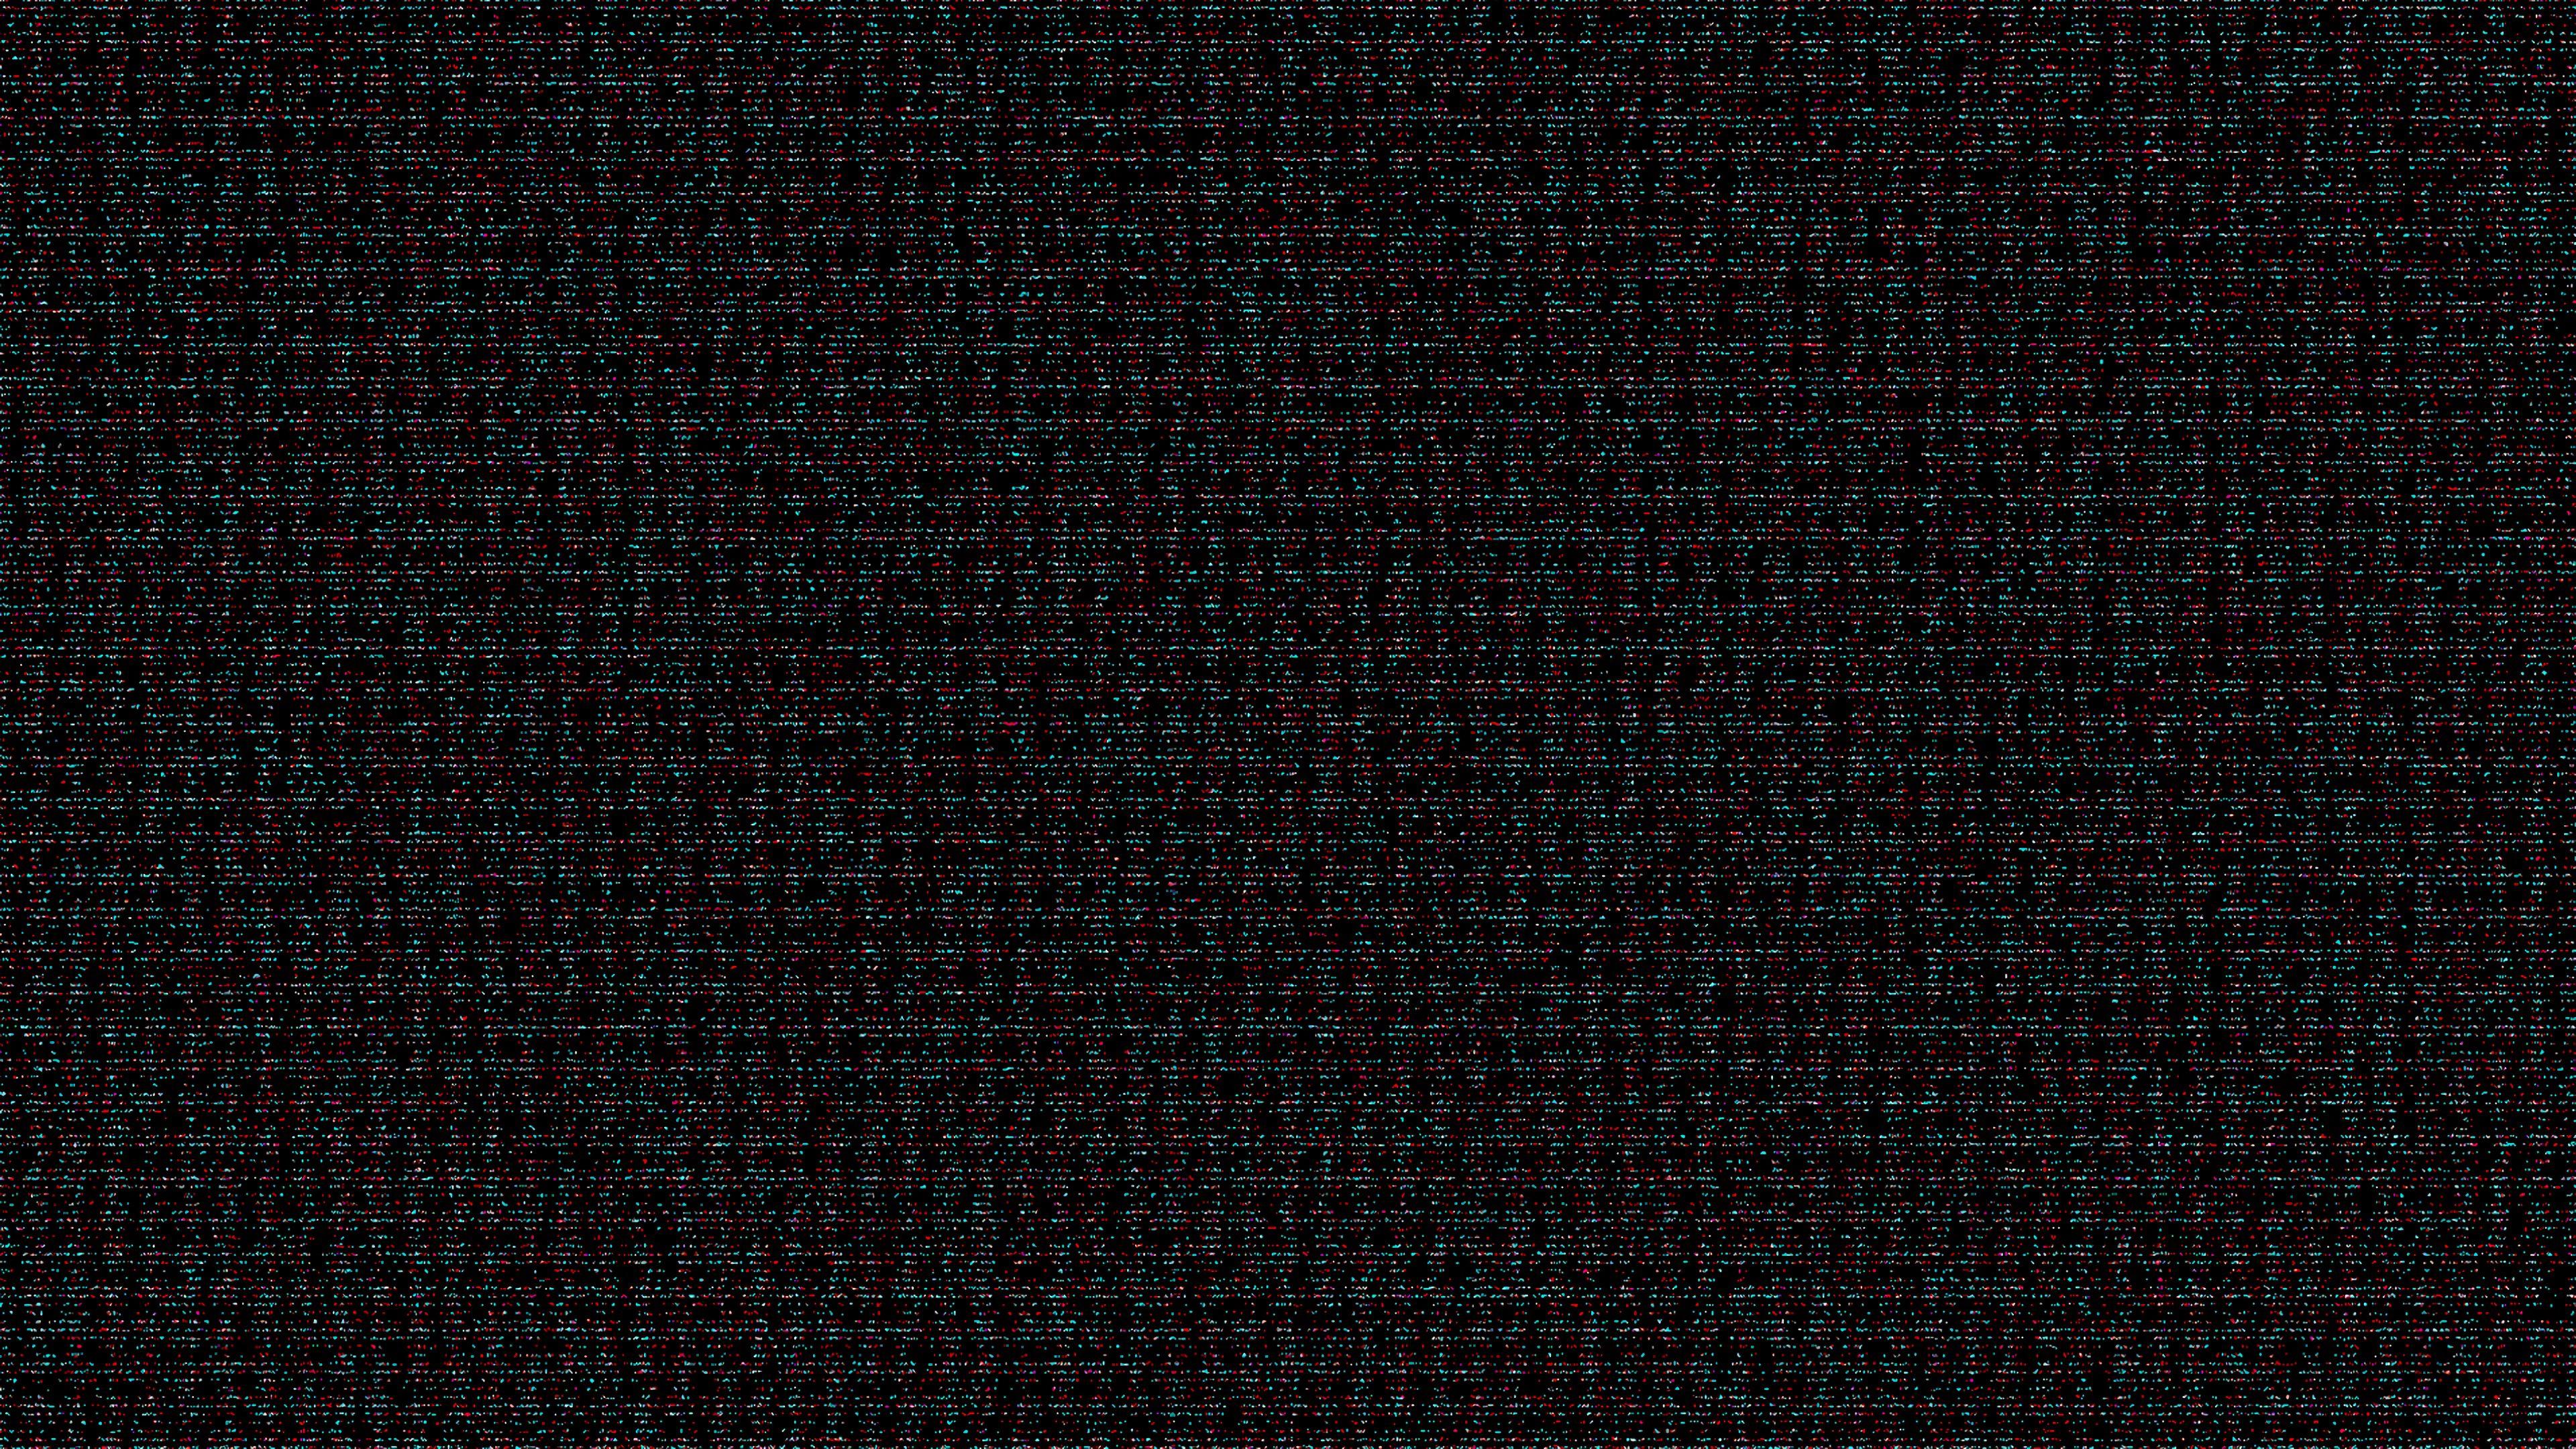 80932 Hintergrundbild herunterladen Abstrakt, Linien, Panne, Glitch, Lärm, Glitch-Kunst, Glitzerkunst - Bildschirmschoner und Bilder kostenlos